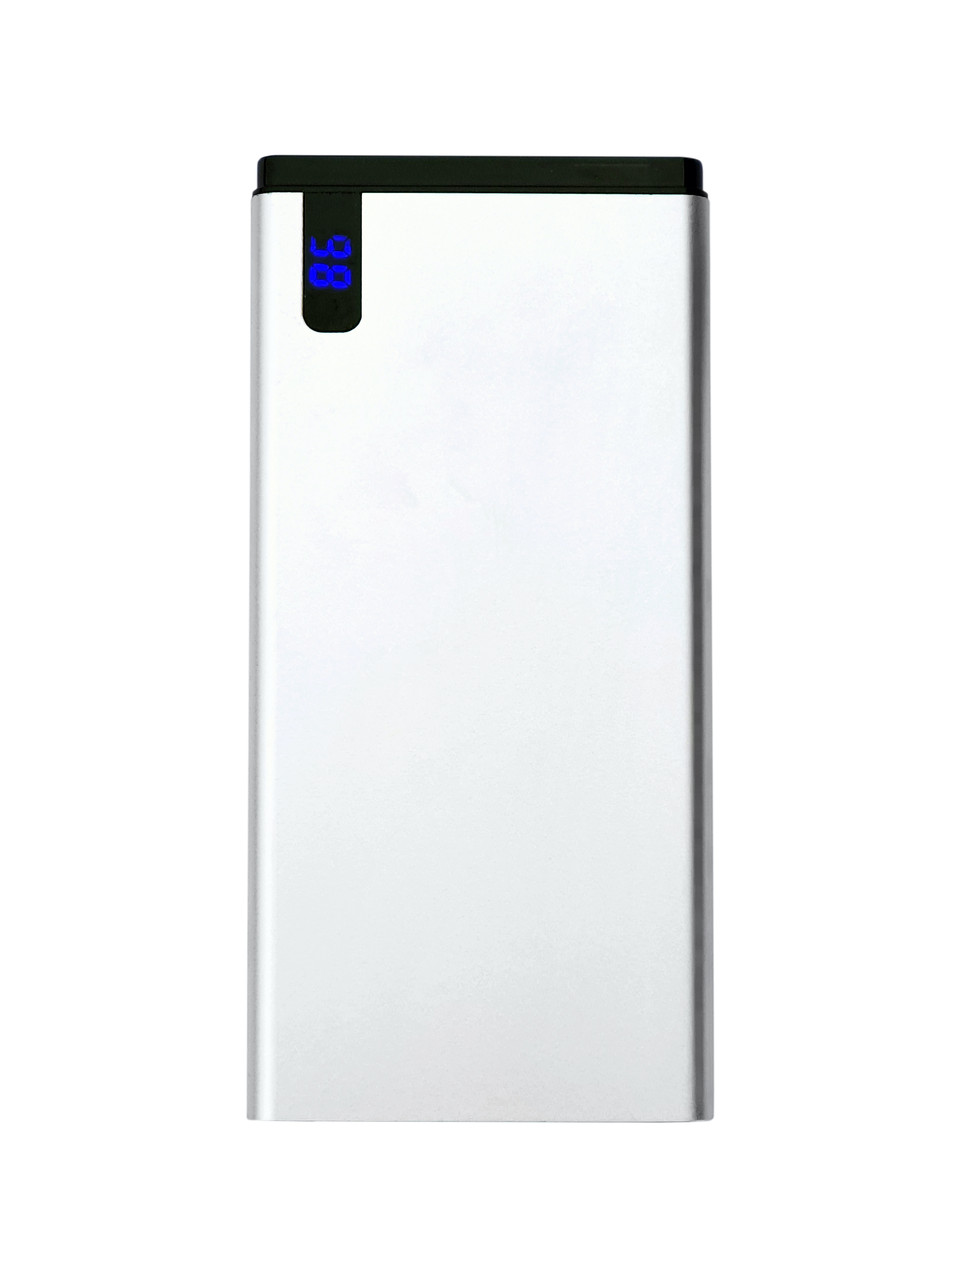 Портативная батарея XON PowerBank XE 10000 mAh Silver